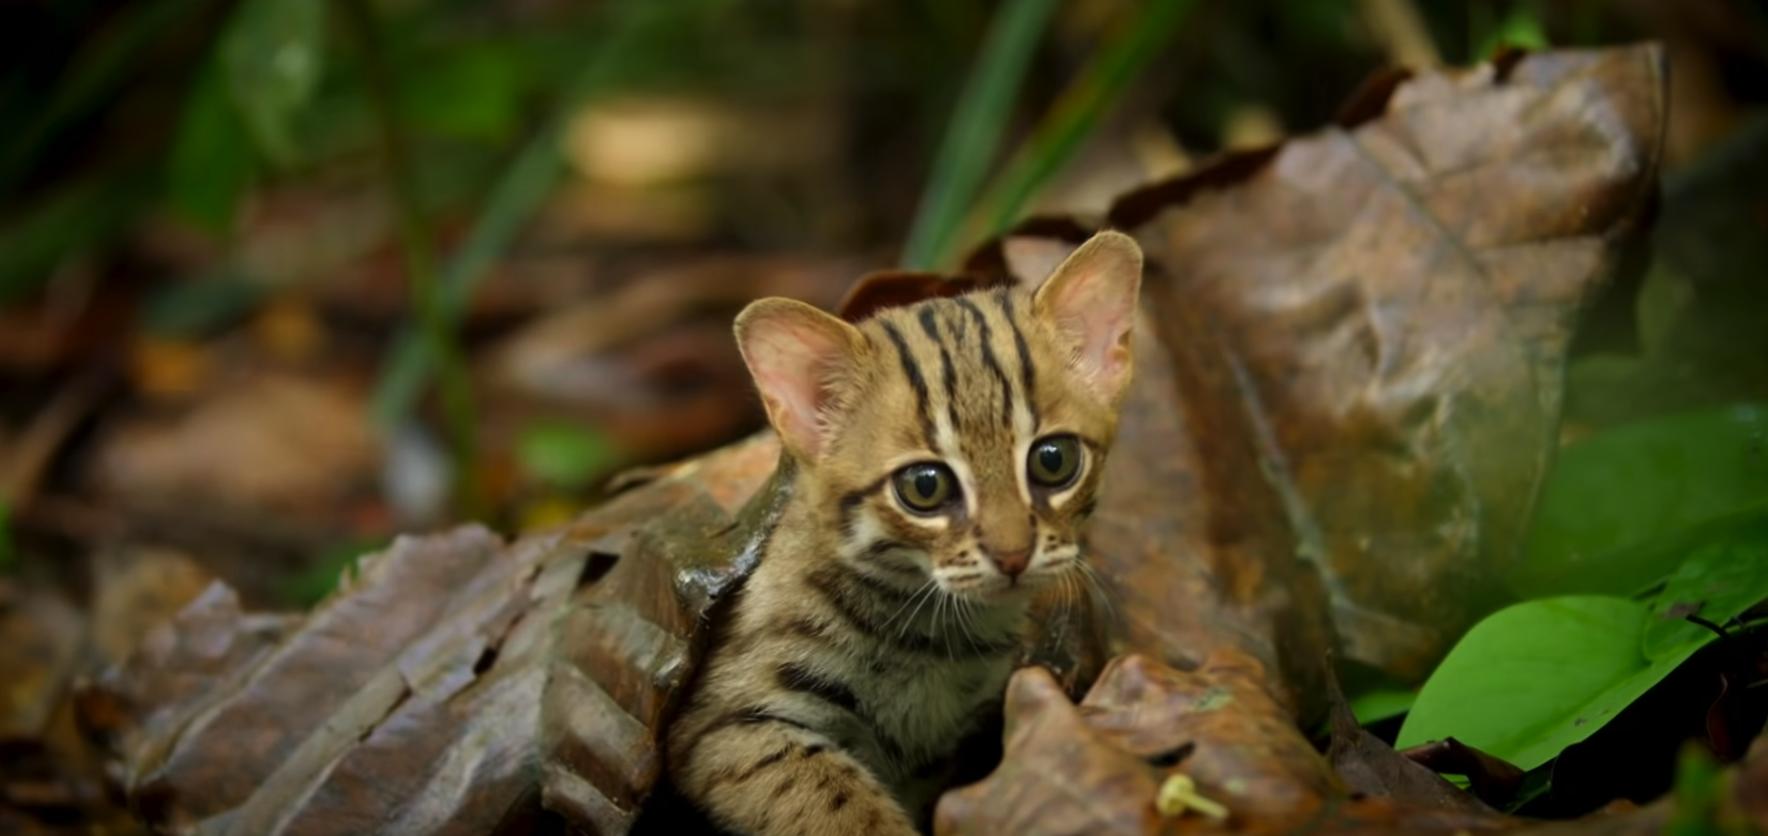 tiniest feline